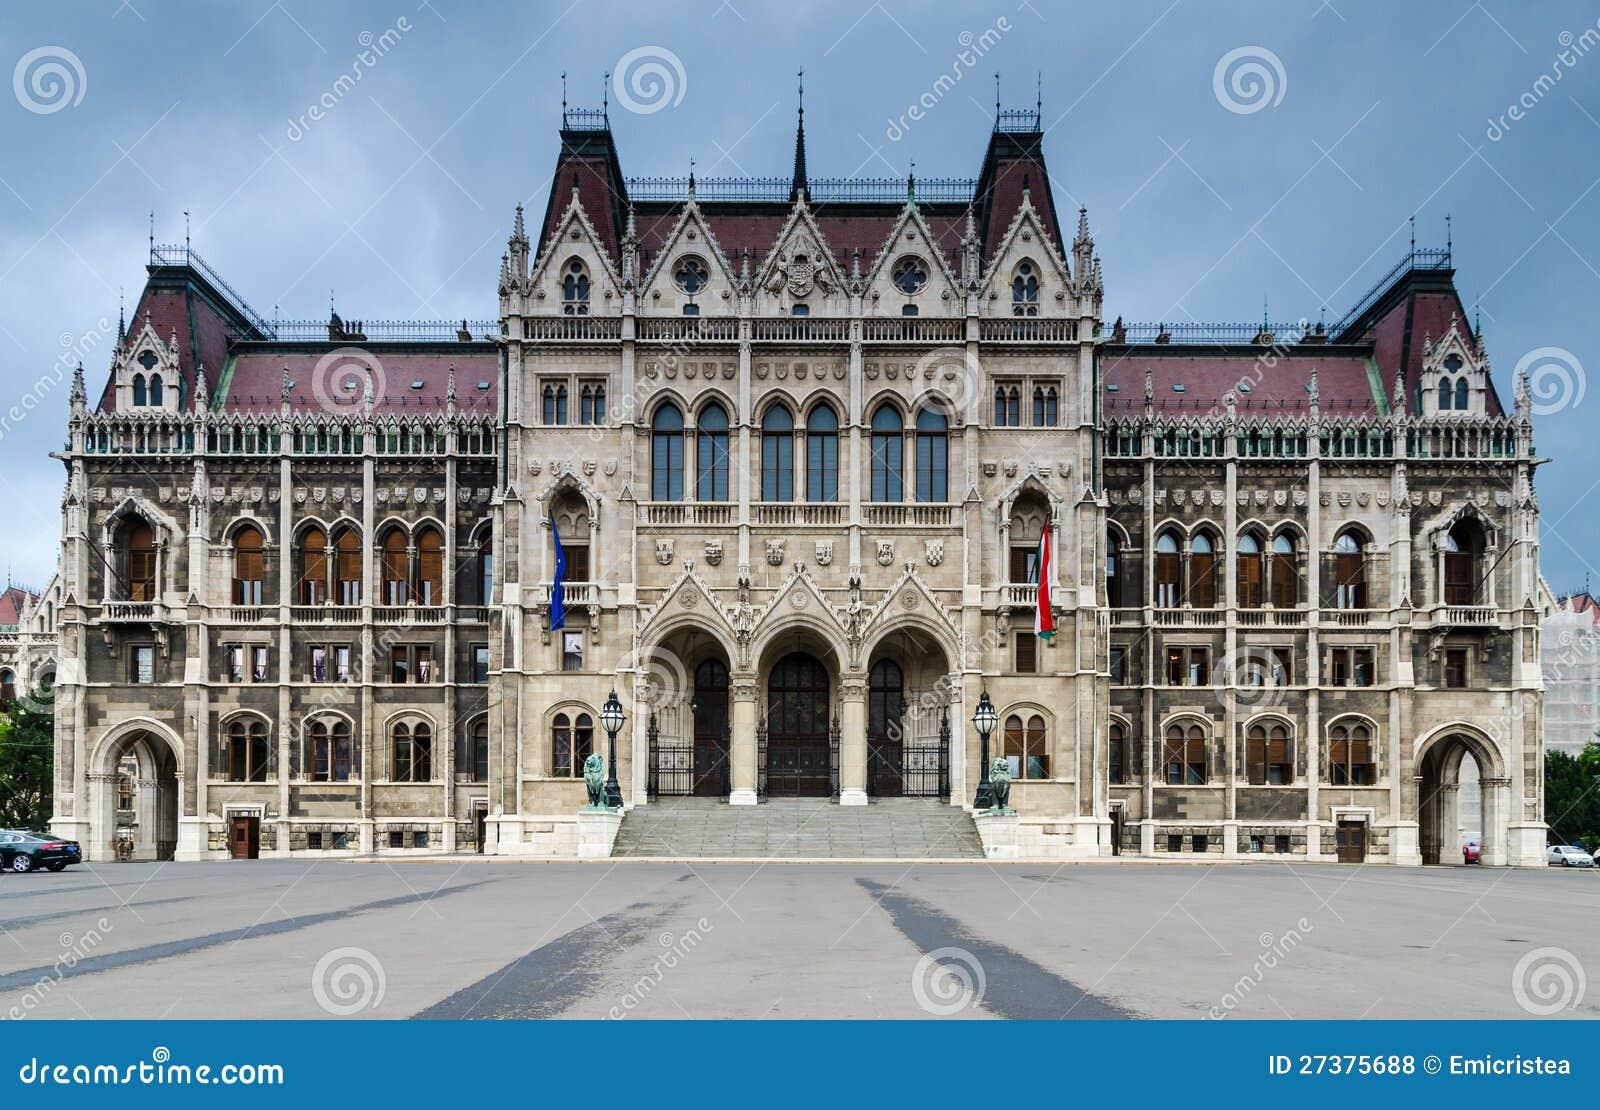 Huis van het parlement boedapest stock foto afbeelding 27375688 - Huis van het wereldkantoor newport ...